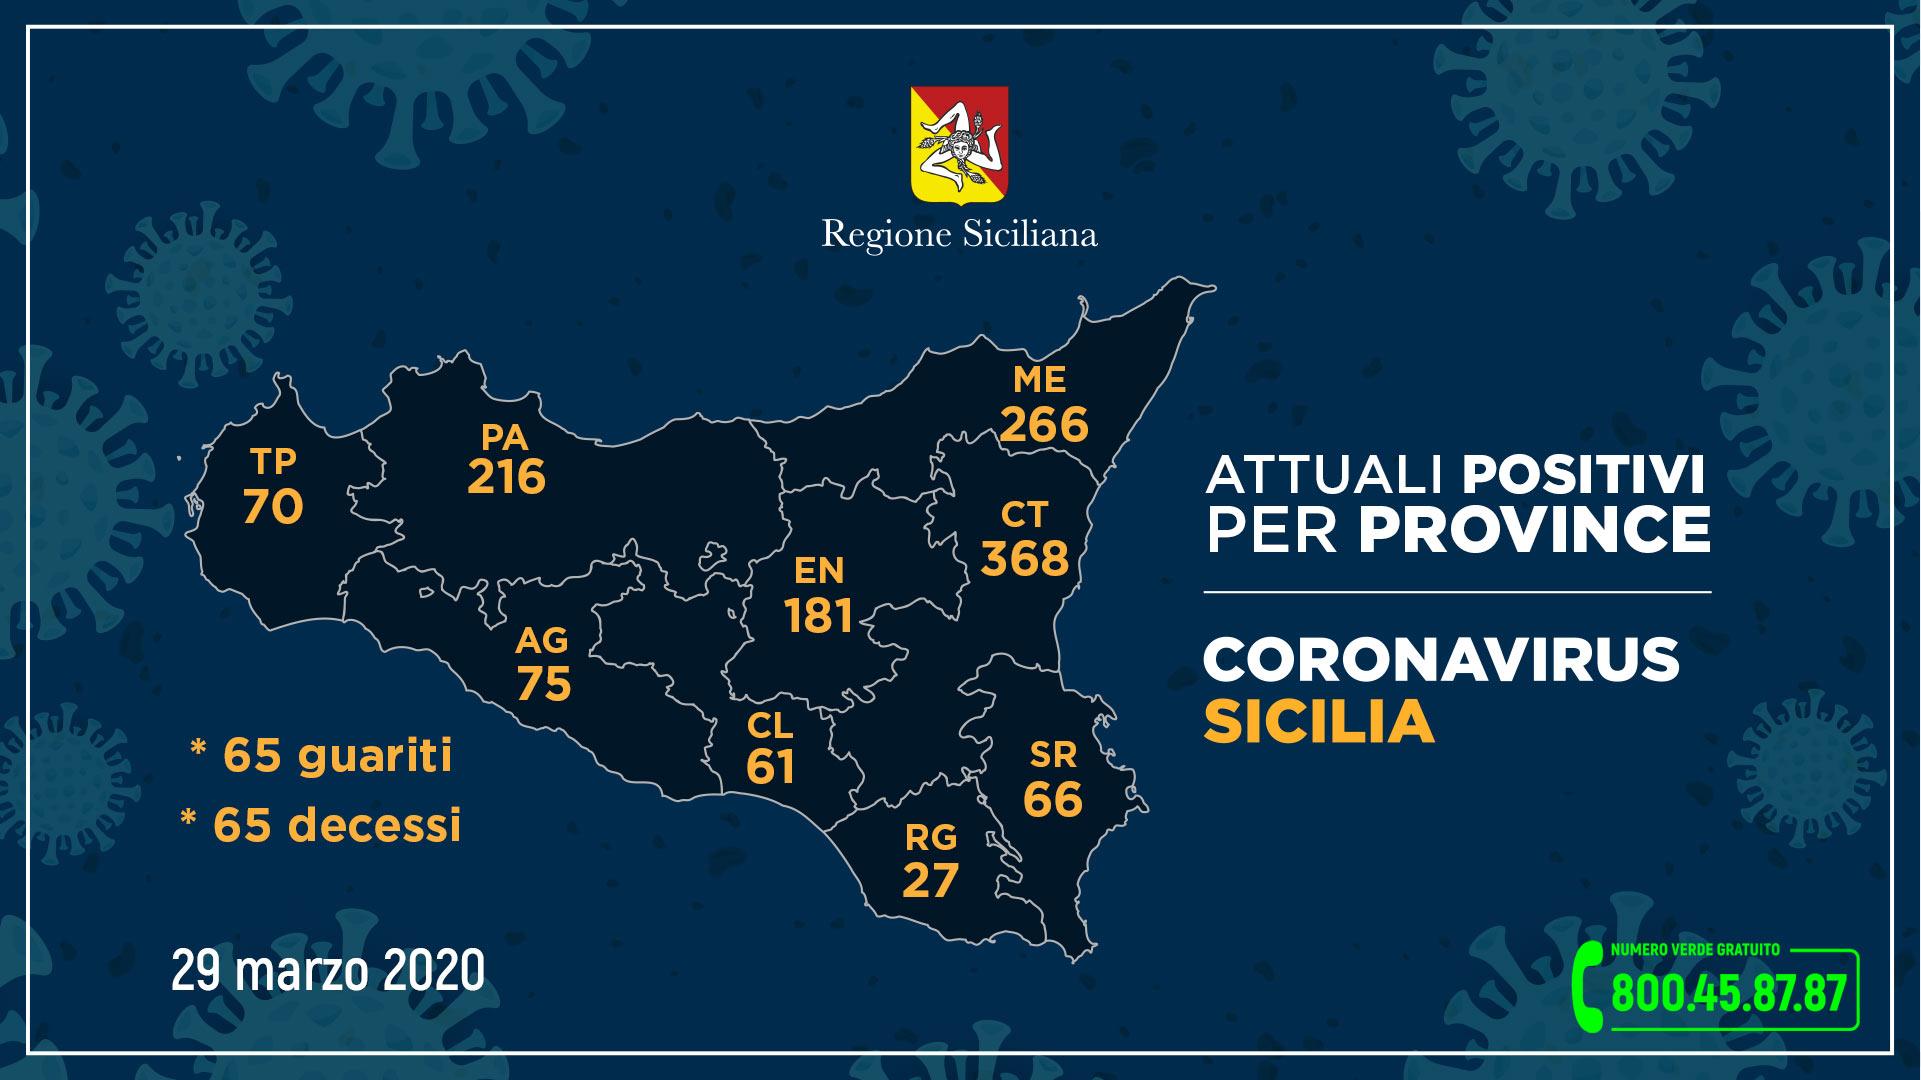 Coronavirus, così l'aggiornamento nelle nove province della Sicilia domenica 29 marzo